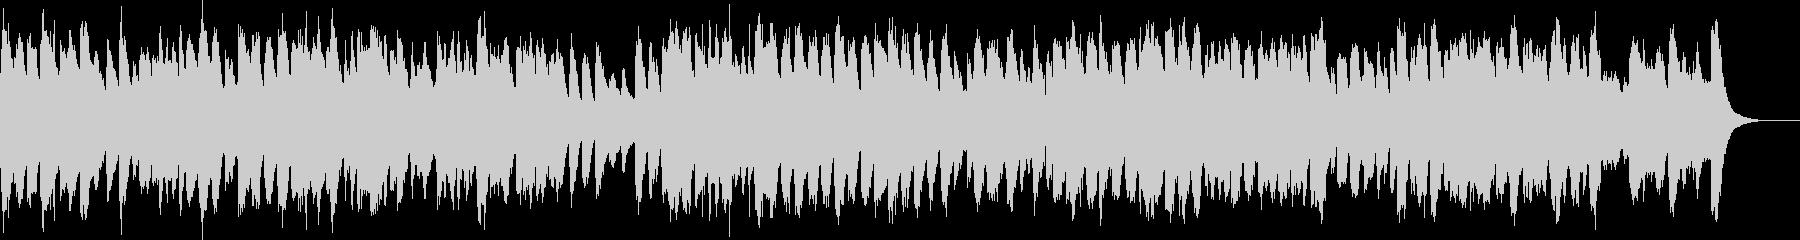 バロック調のハープシコードオリジナル曲の未再生の波形